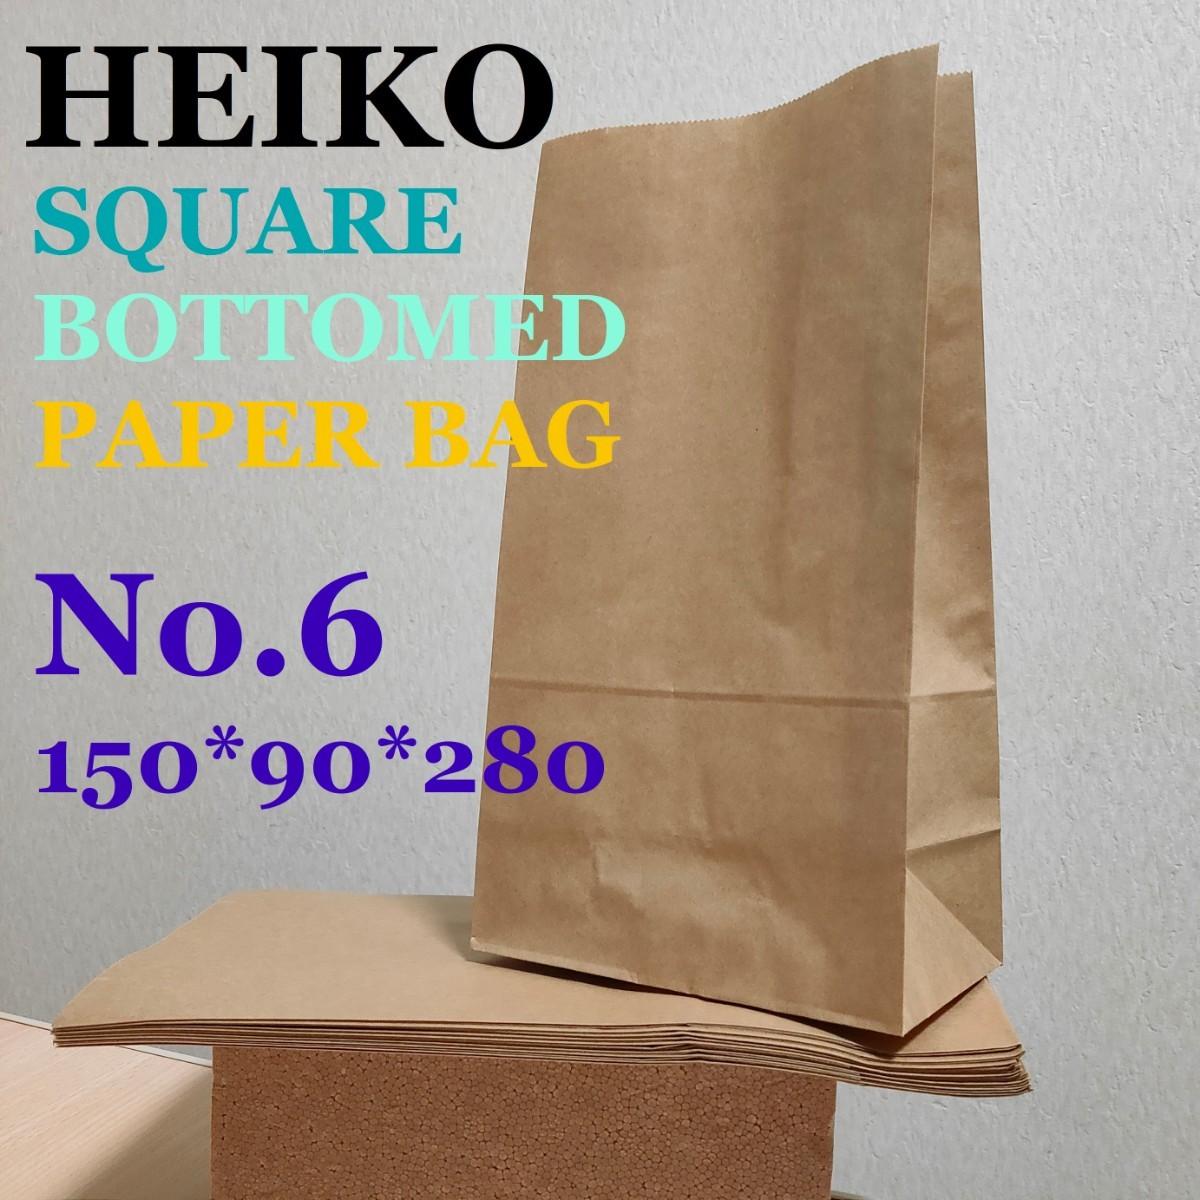 HEIKO ヘイコー◆No.6 13枚クラフト 紙袋◆ラッピング